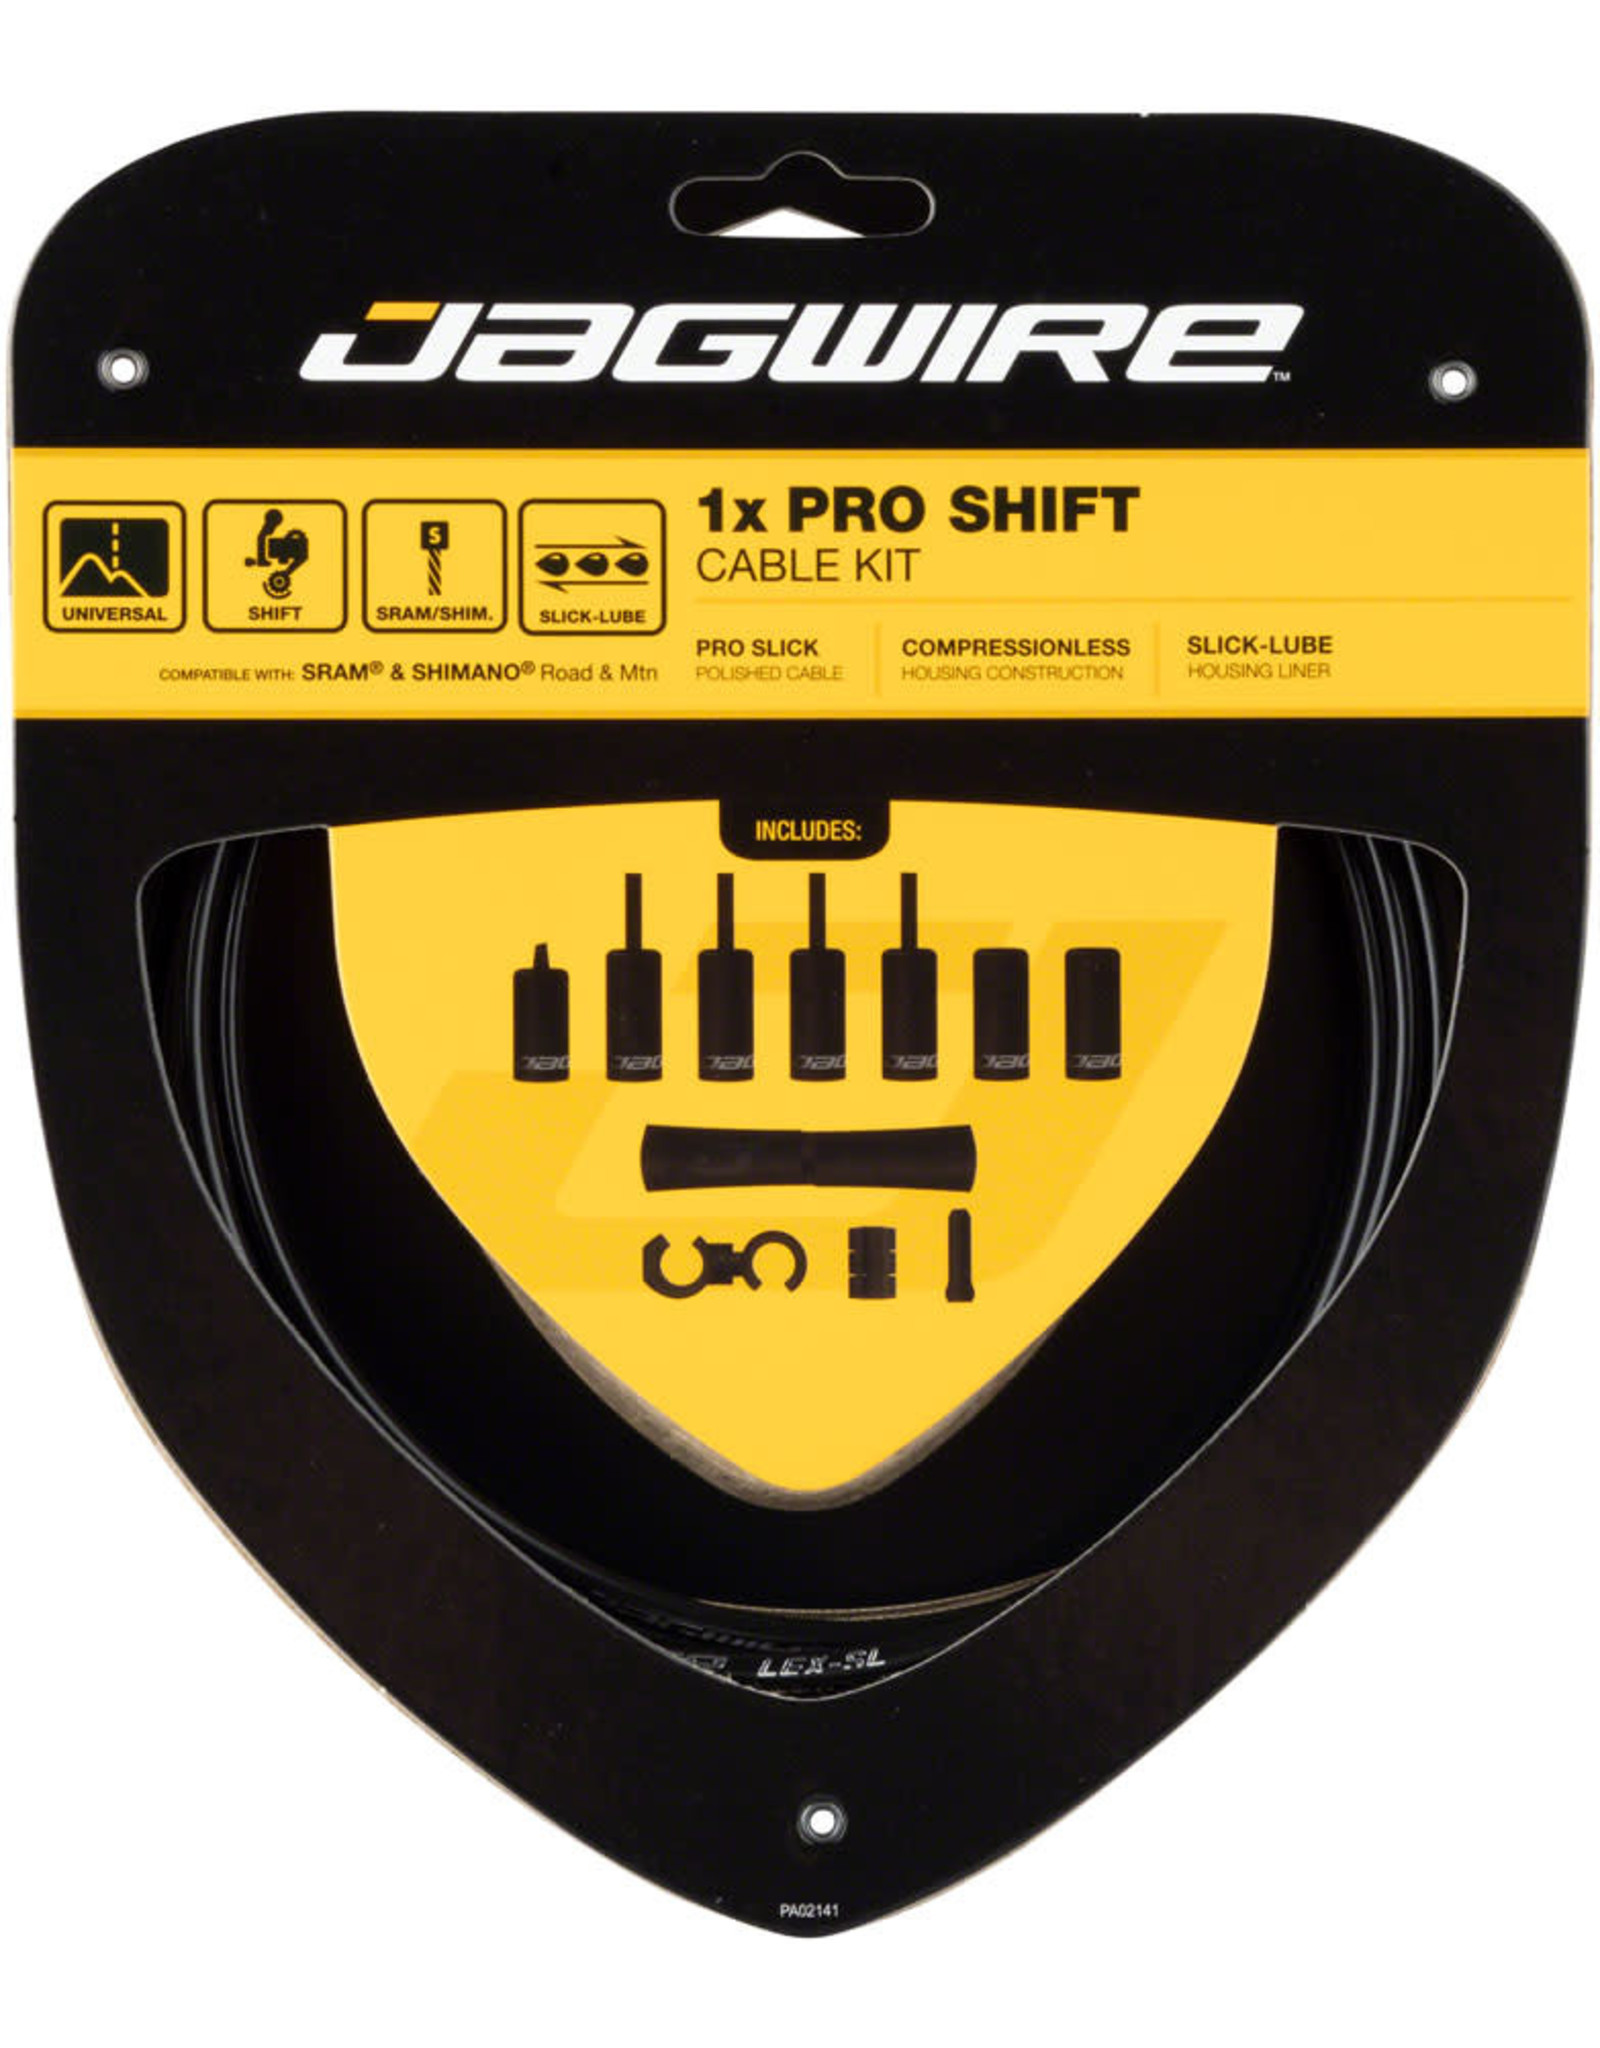 Jagwire Jagwire 1x Pro Shift Kit Road/Mountain SRAM/Shimano, Black